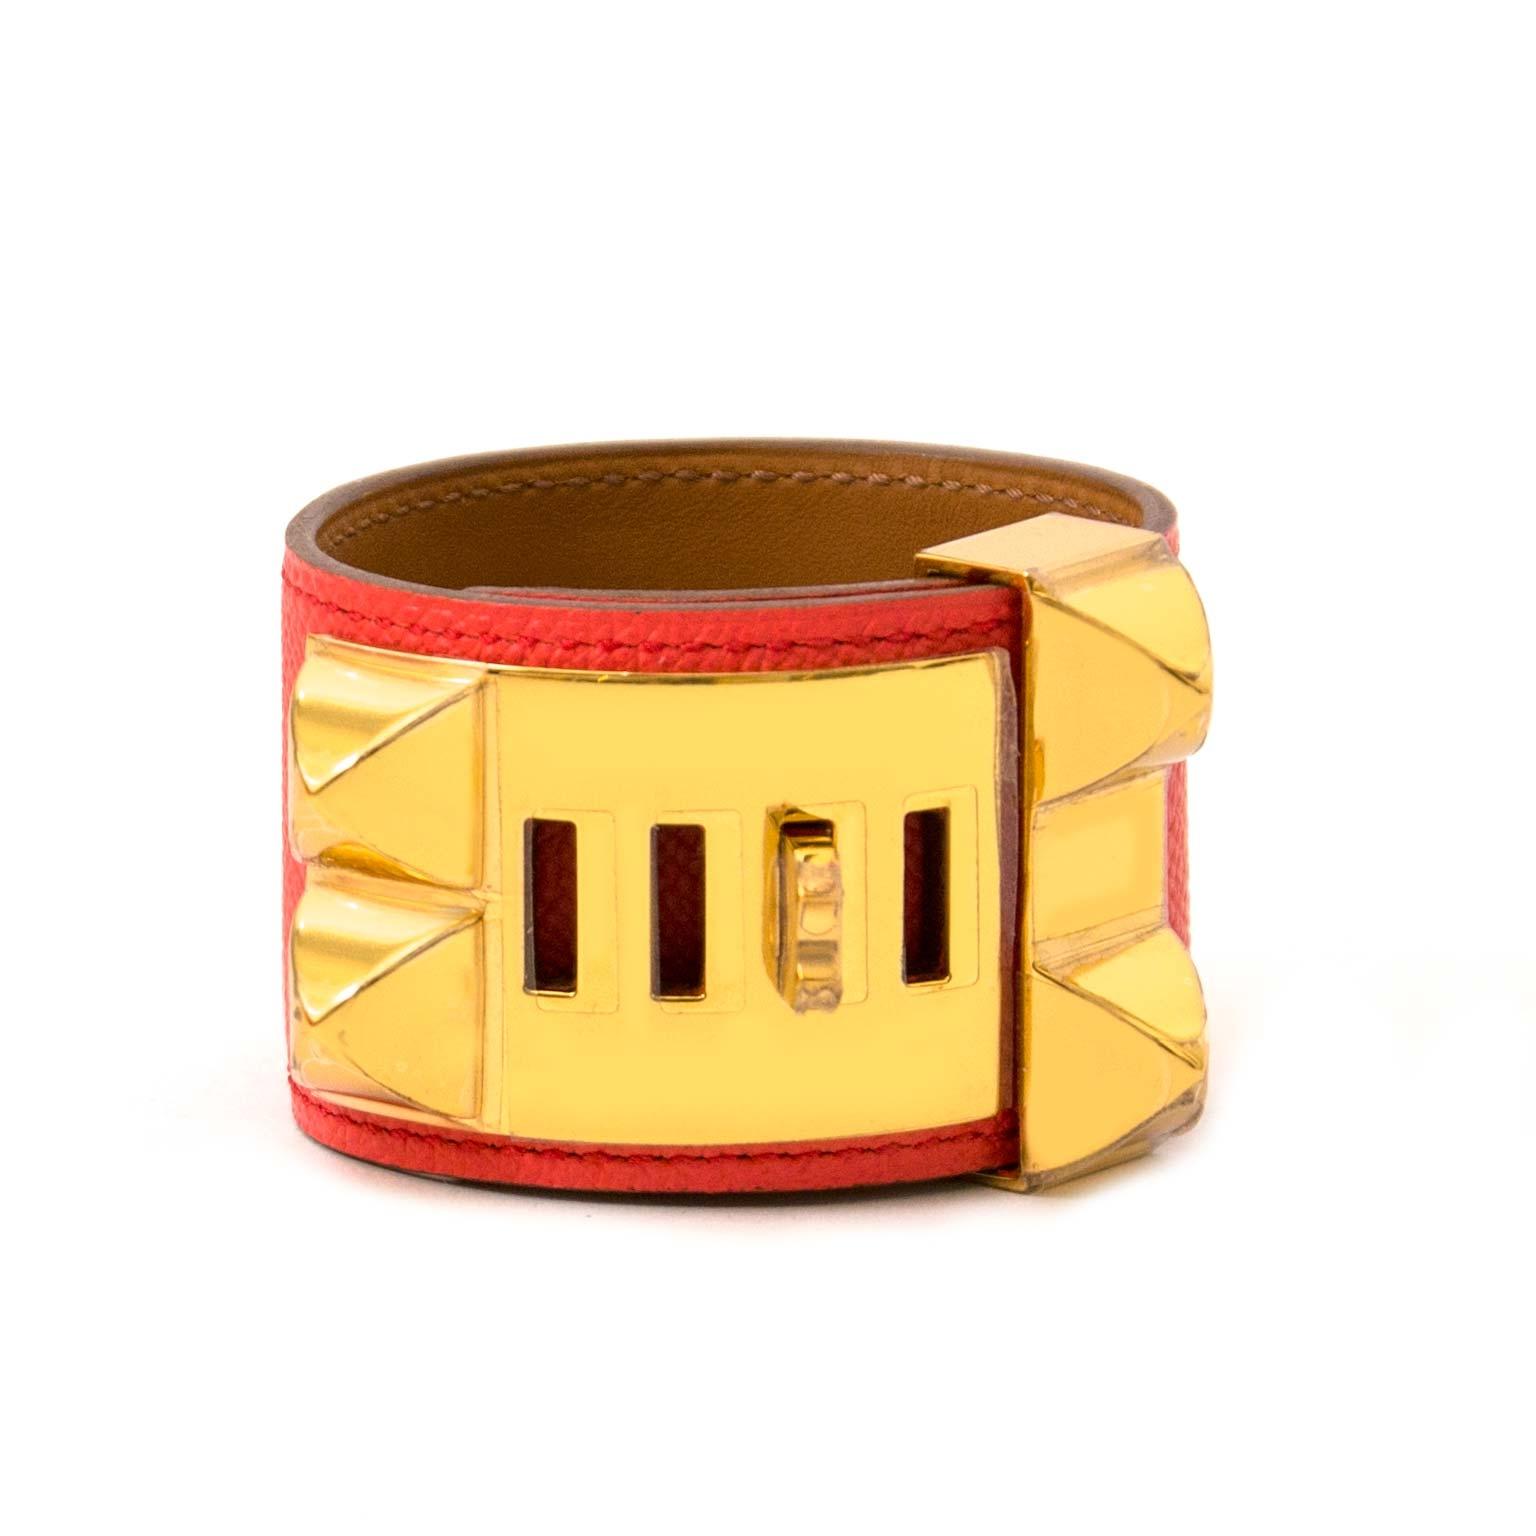 koop veilig online tegen de beste prijs  *Never Used* Hermes Rose Jaipur Epsom Collier De Chien